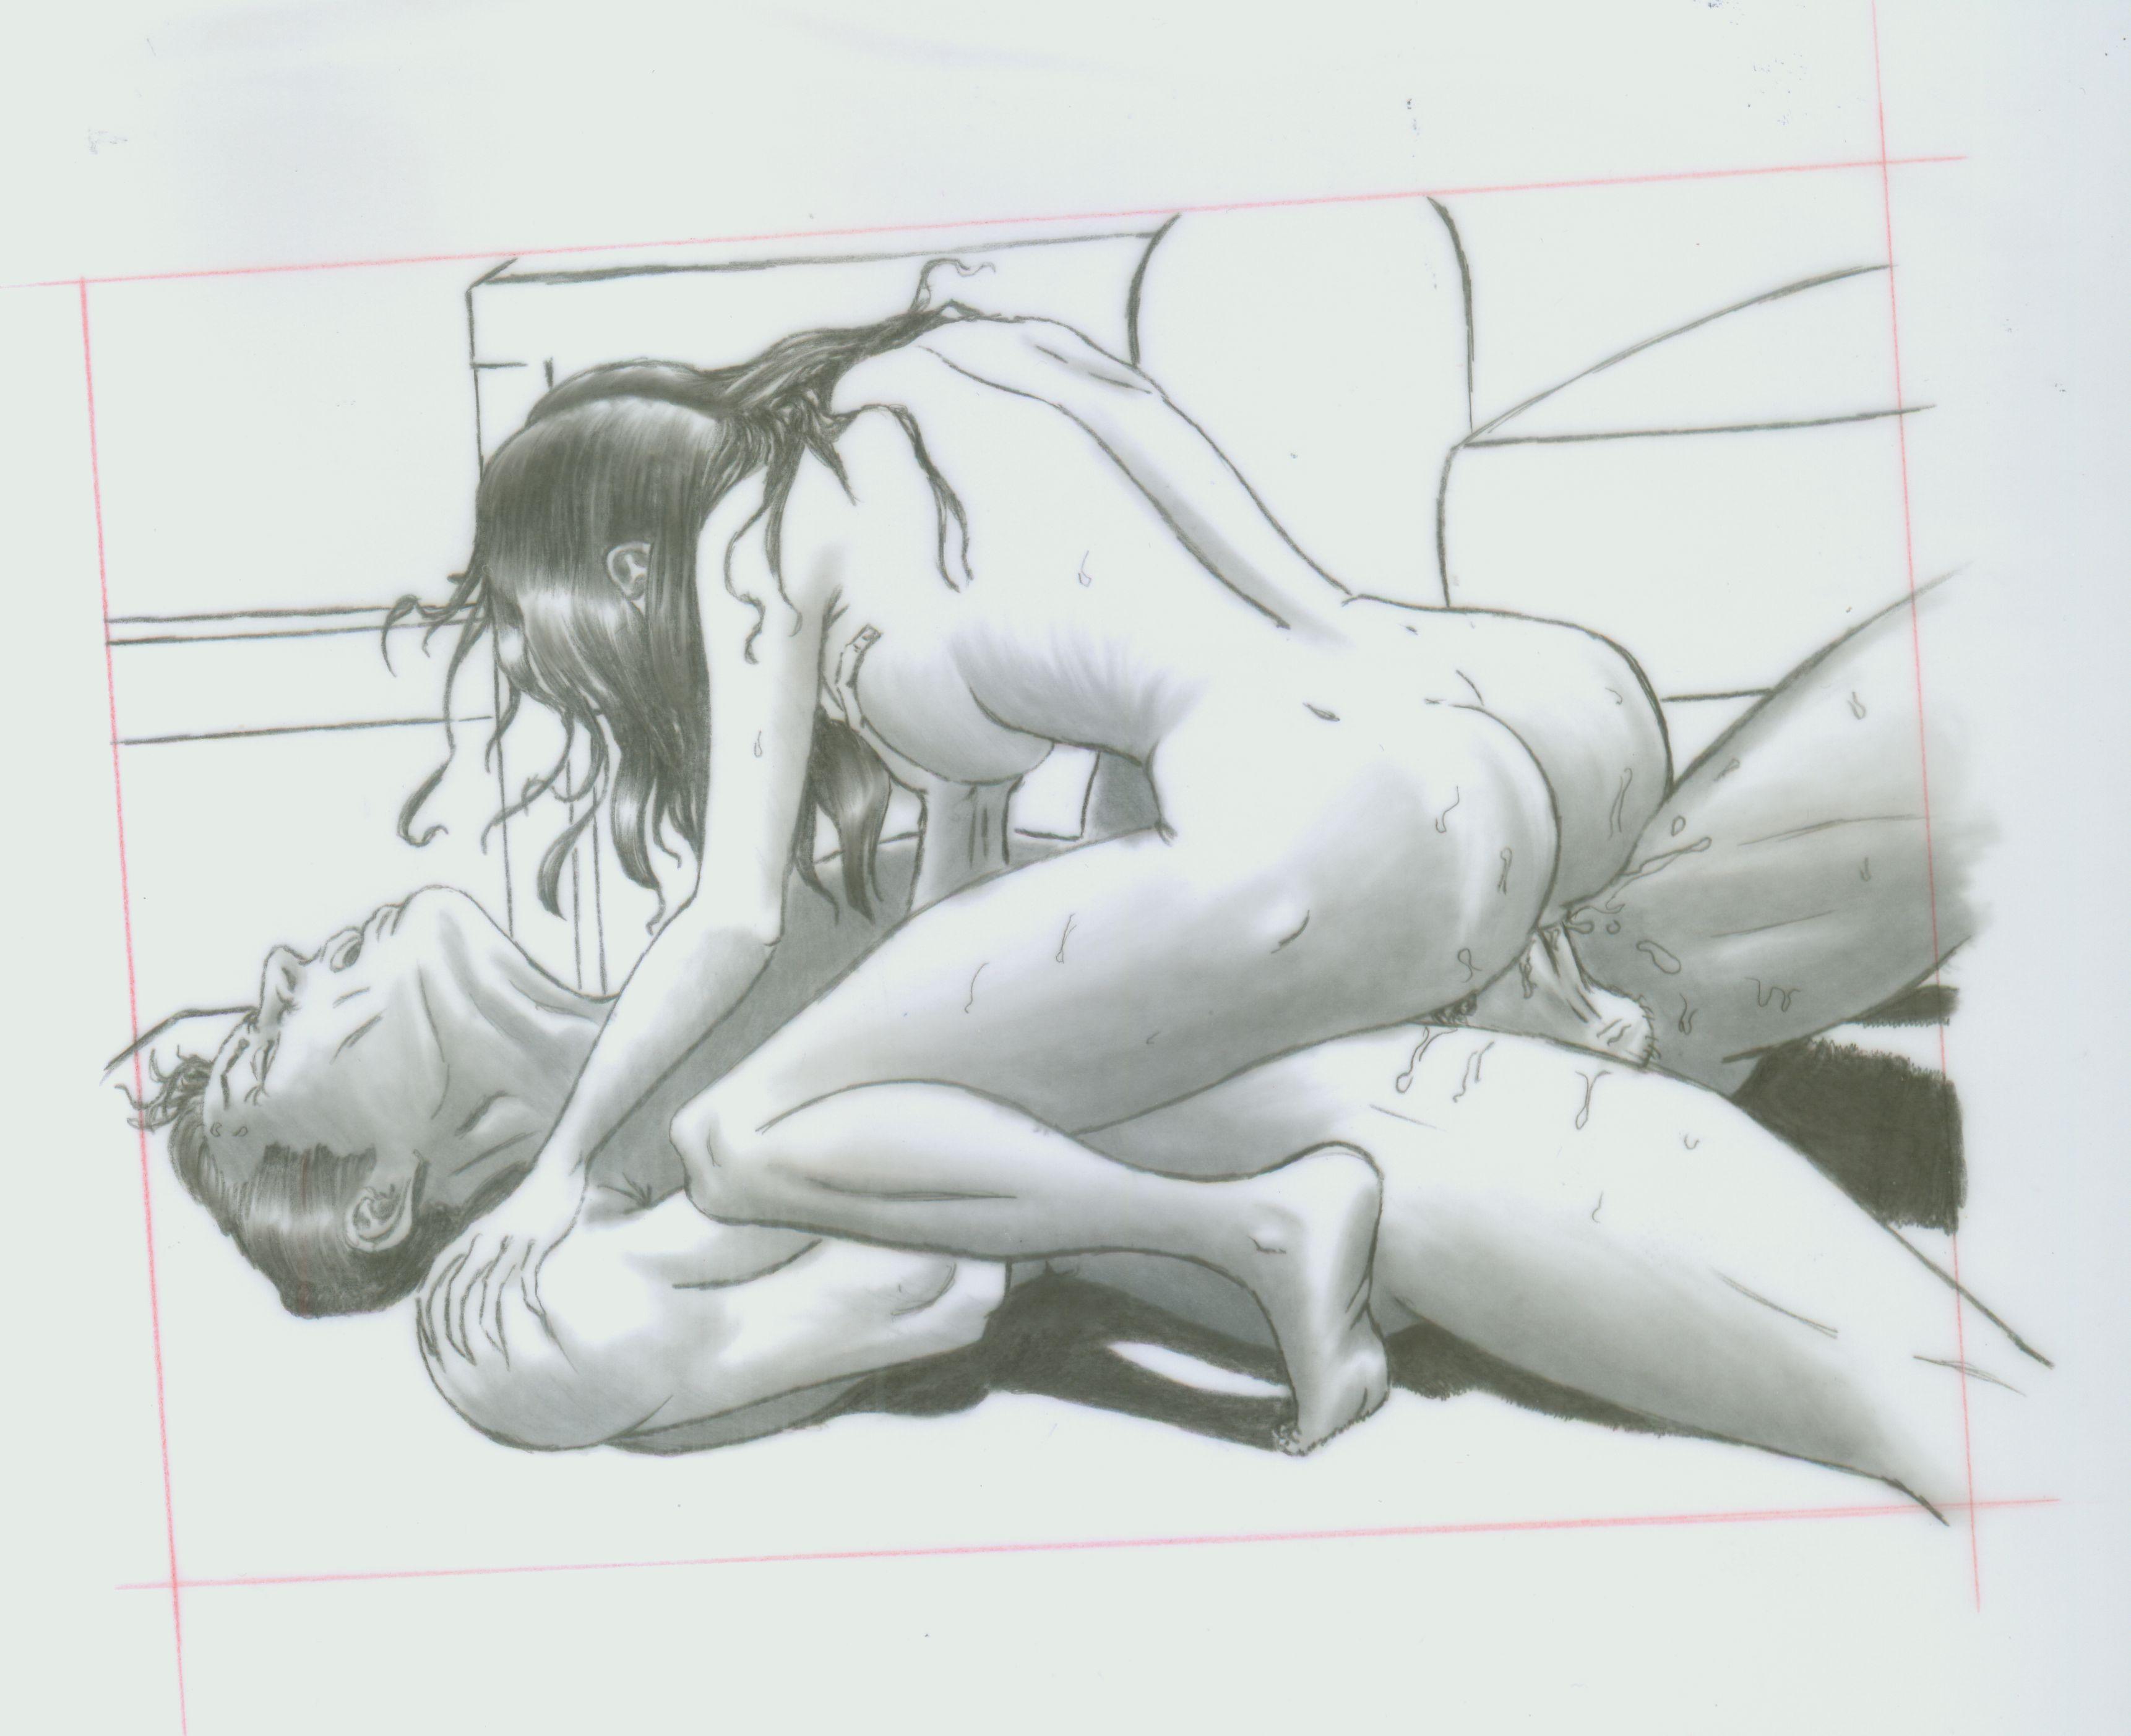 Erotic pussy art drawings